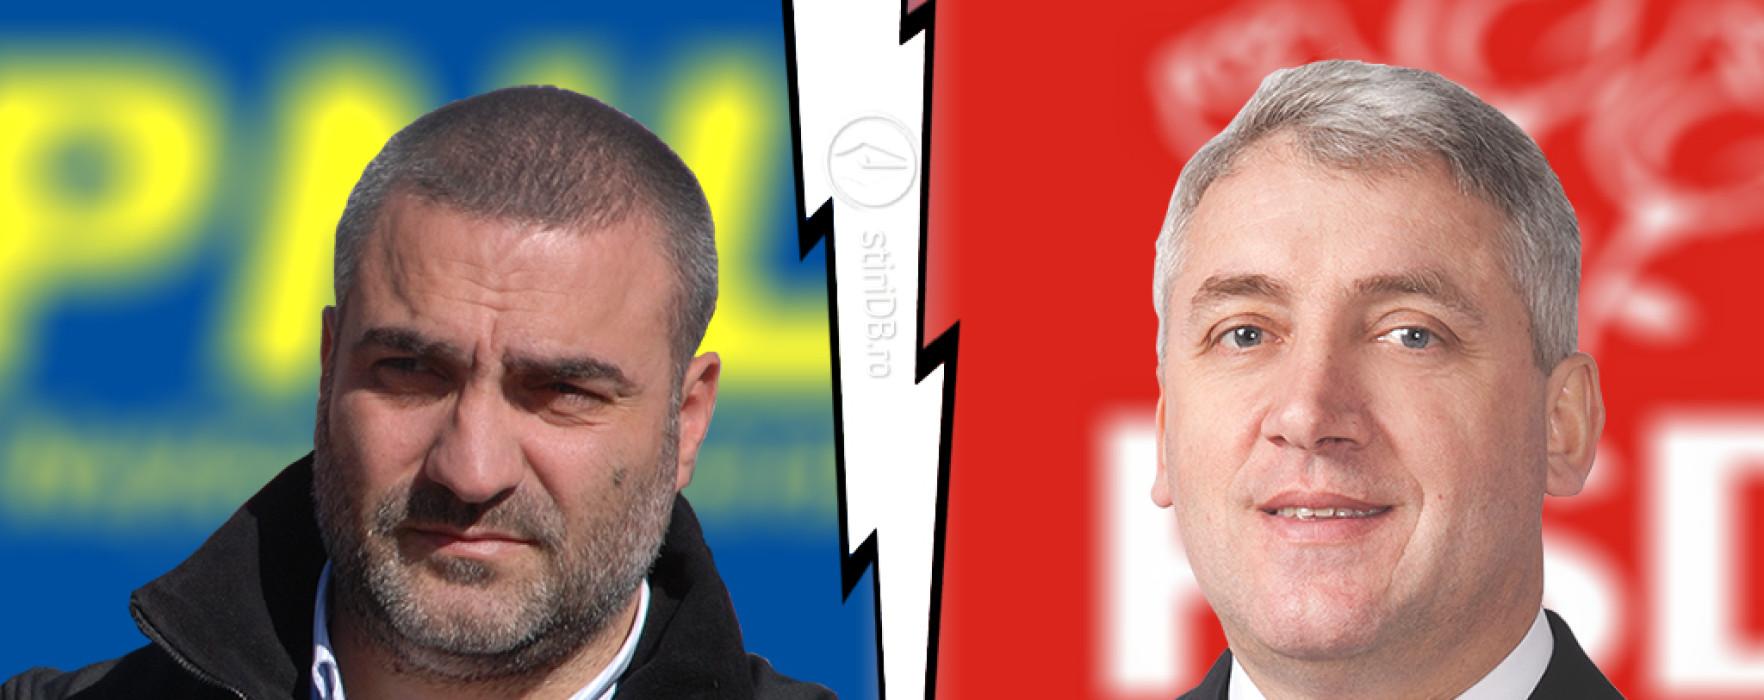 Adrian Ţuţuianu: Volintiru (PNL) e mai rău decât Florin Popescu, e un derbedeu, un venetic, paraşutat de la Bucureşti (audio)